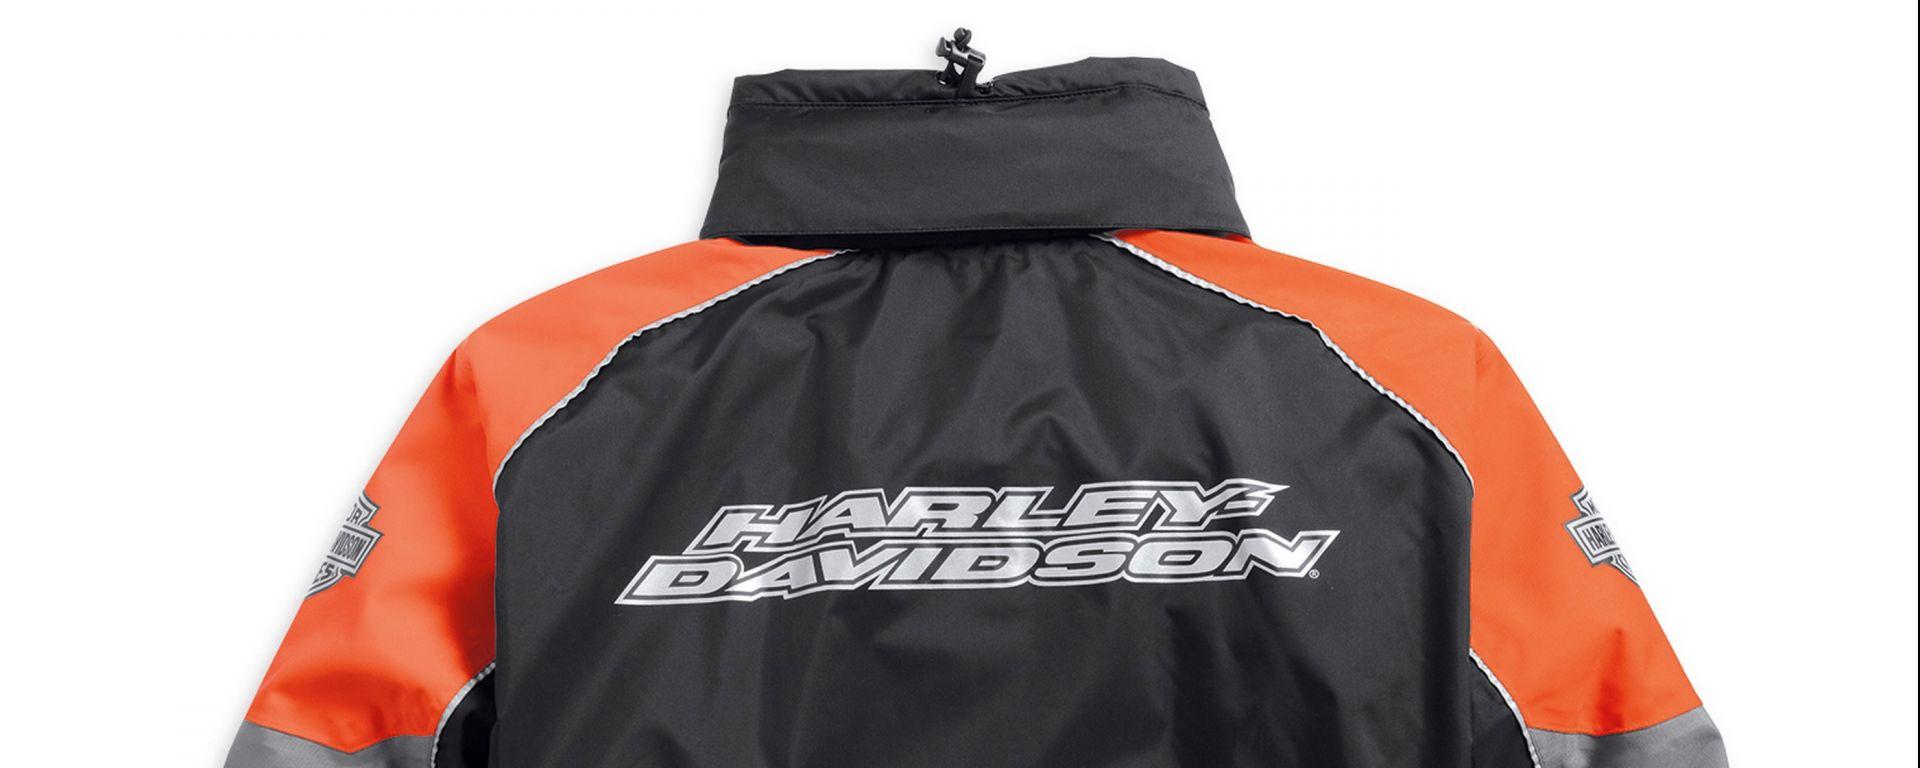 Abbigliamento Harley Core MotorBox Davidson moto collezione TTwxqrgB5